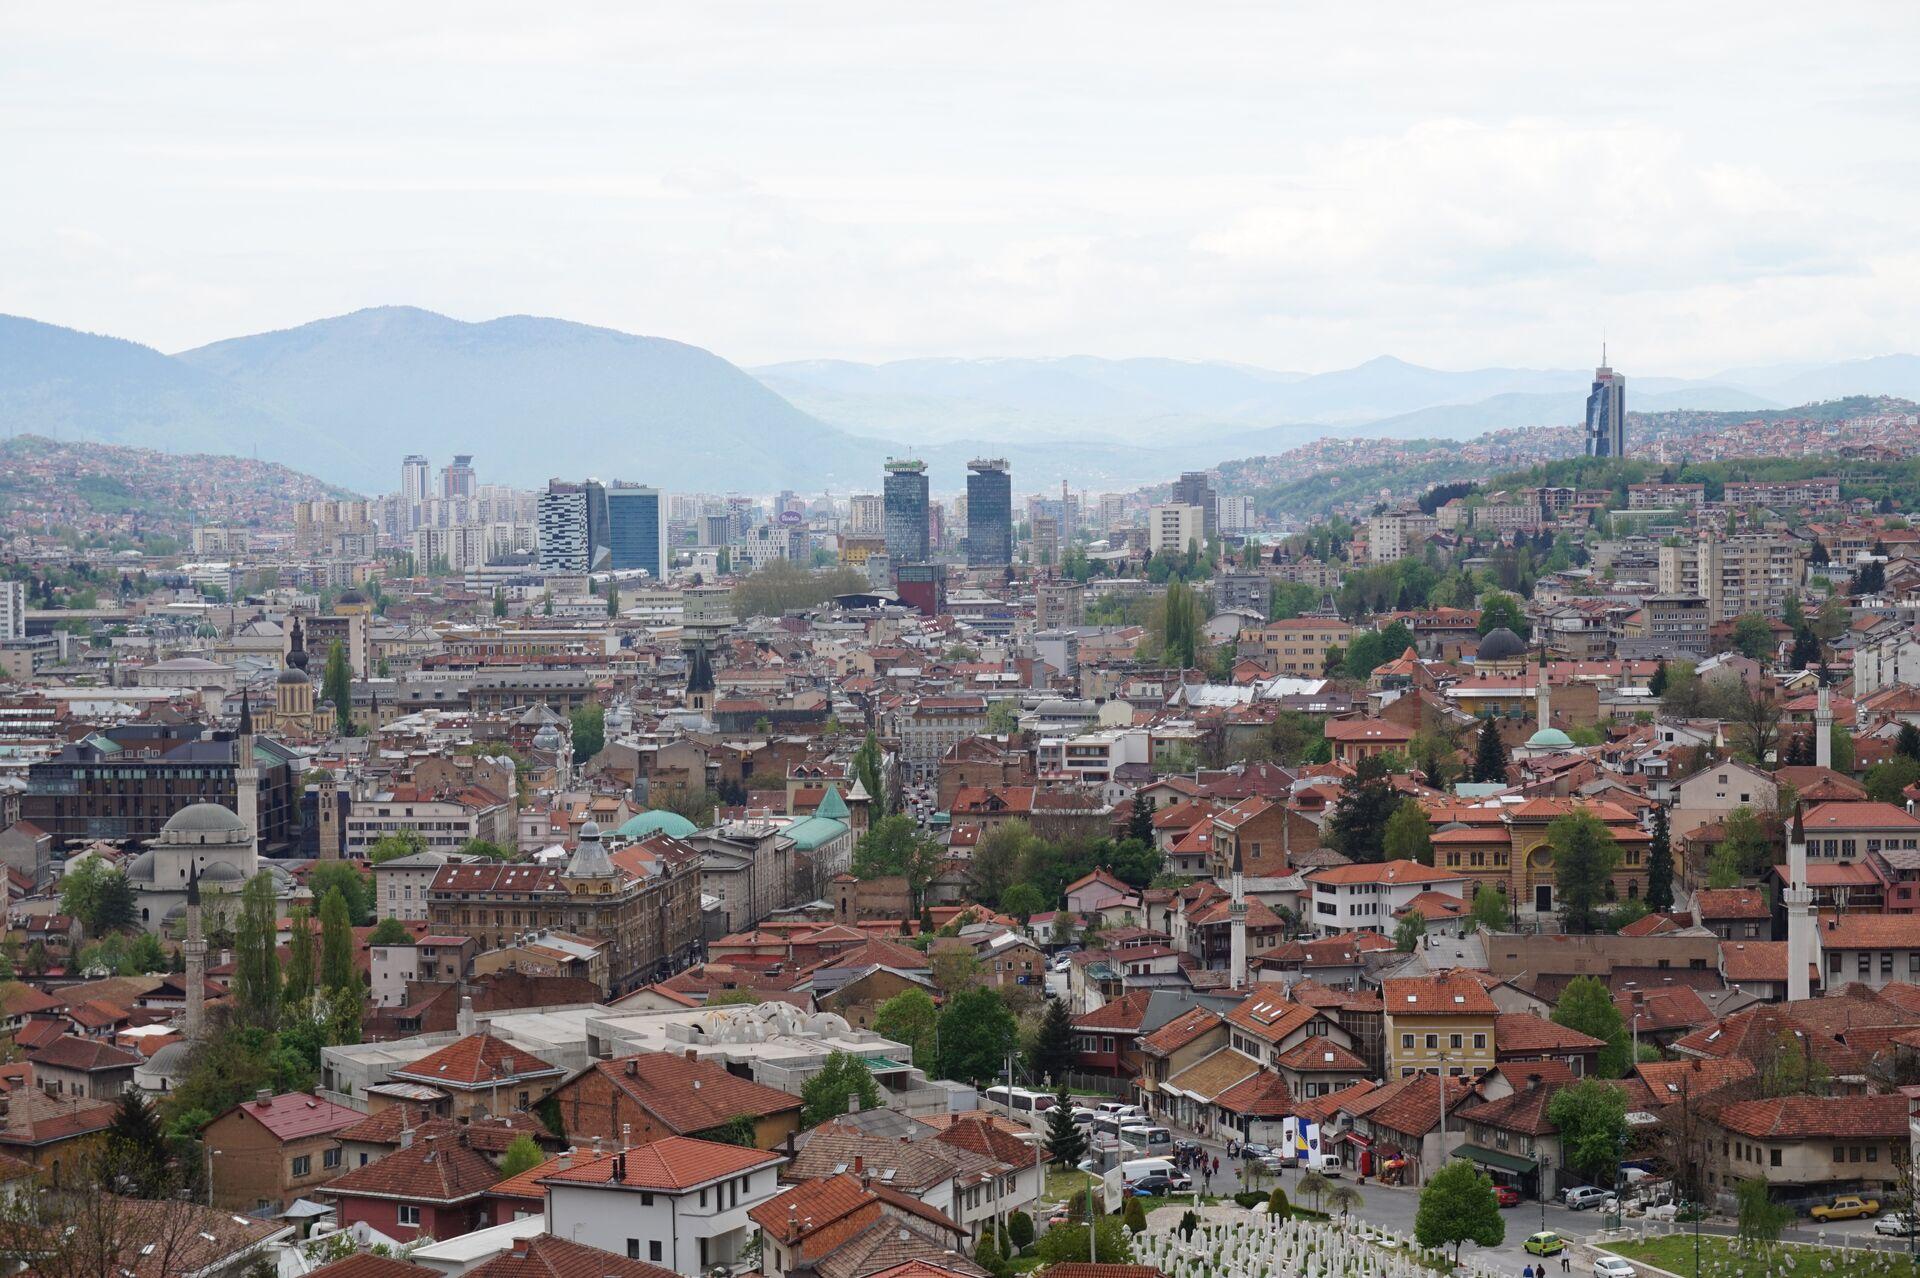 Сарајево панорама - Sputnik Србија, 1920, 28.09.2021